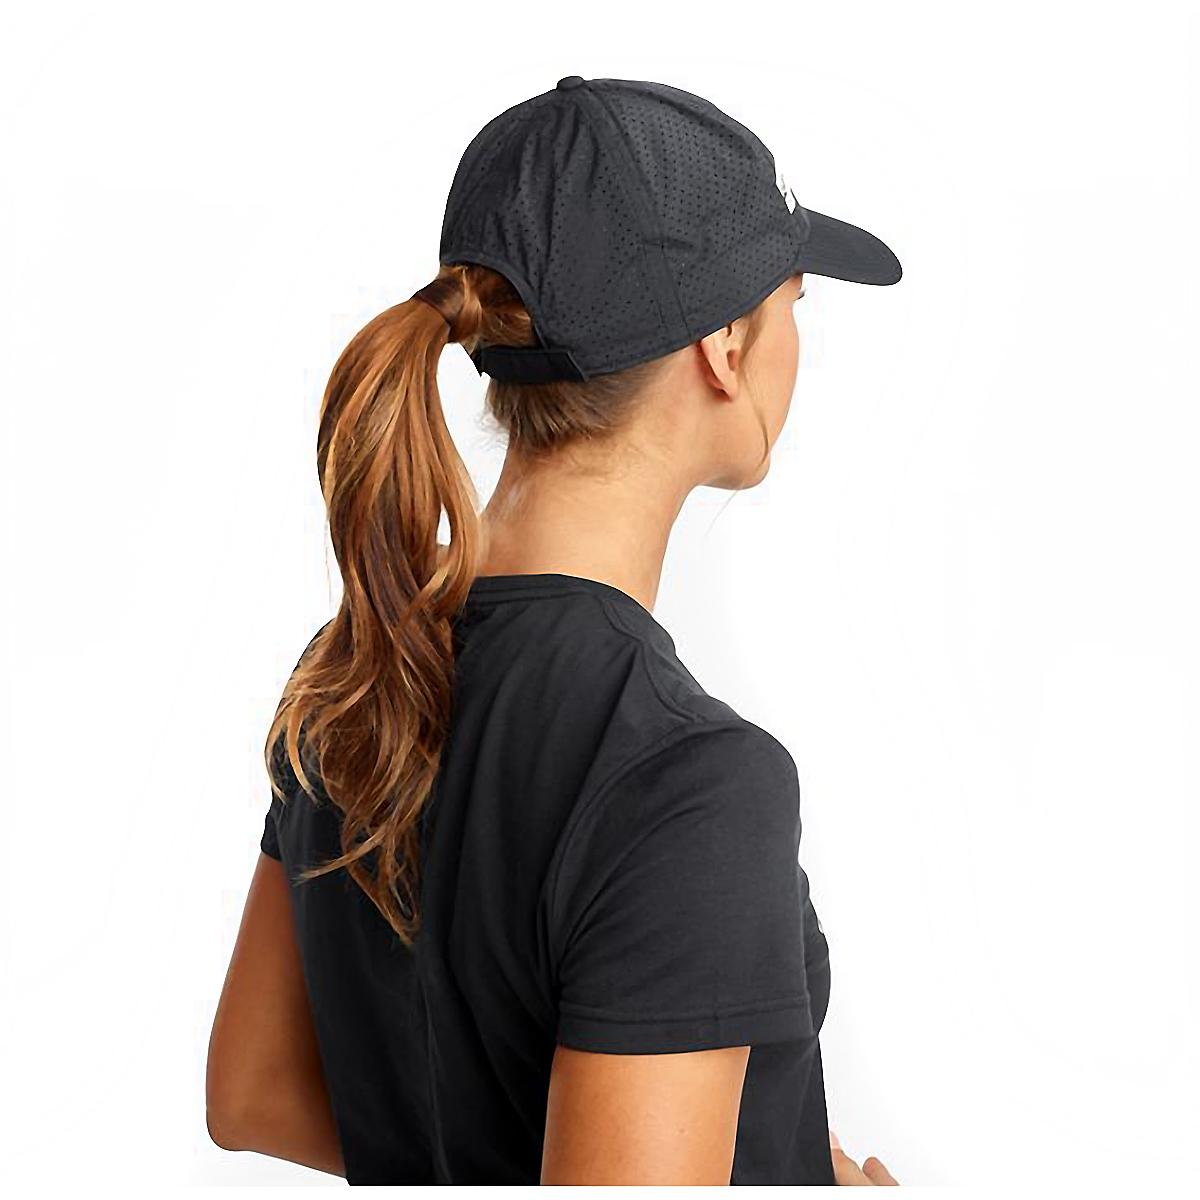 Saucony Doubleback Hat - Color: Black, Black, large, image 2